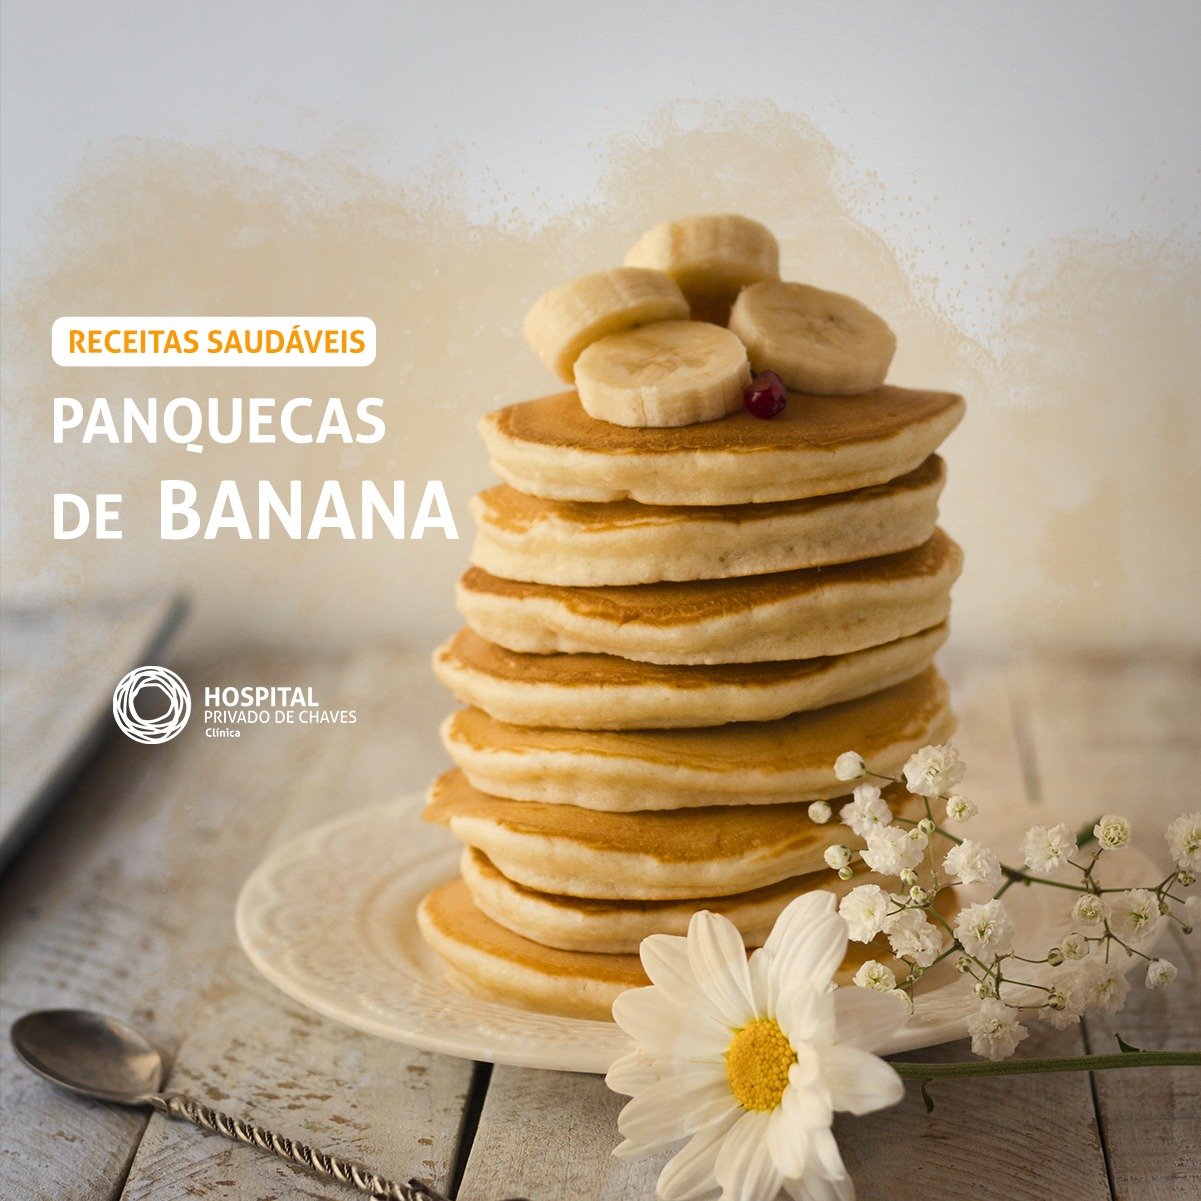 PANQUECAS DE BANANA